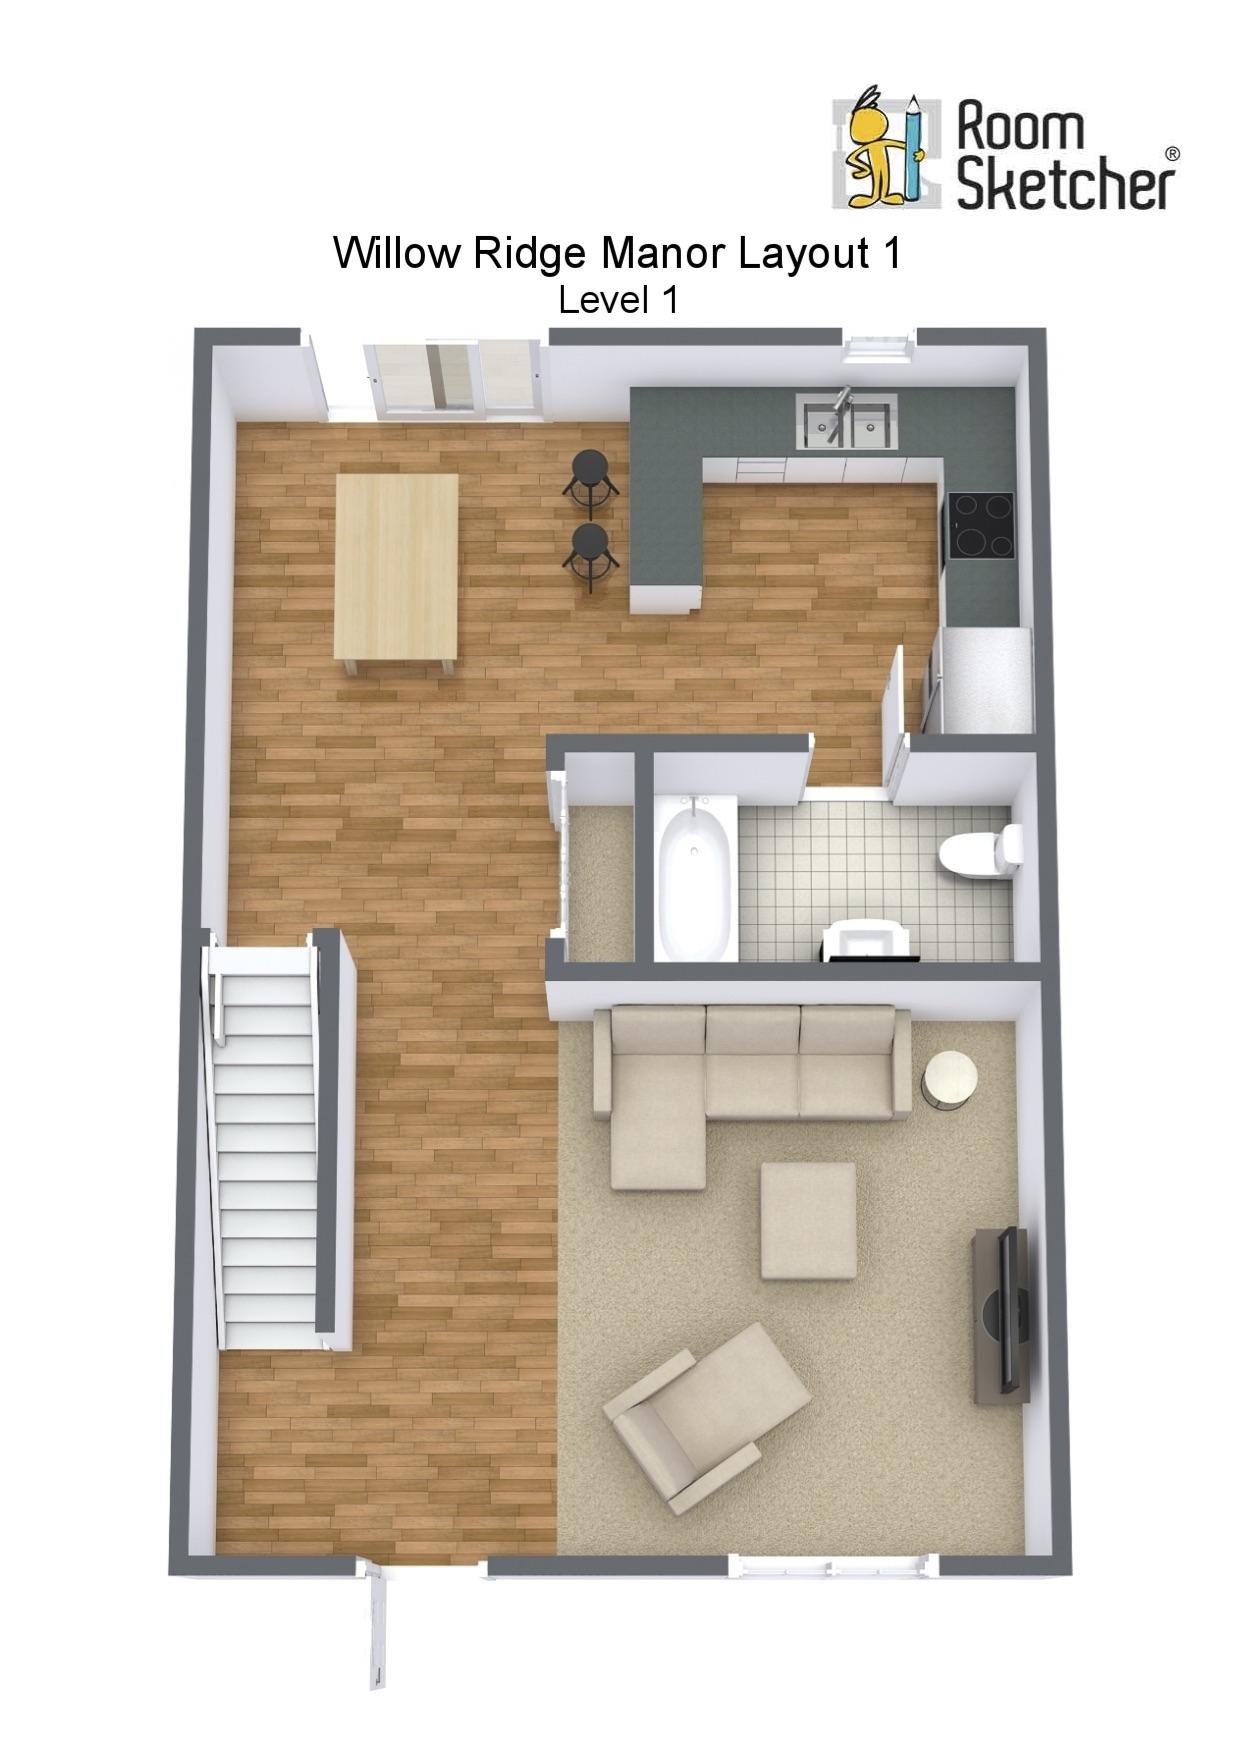 Floorplan letterhead - Willow Ridge Manor Layout 1 - Level 1 - 3D Floor Plan.jpg